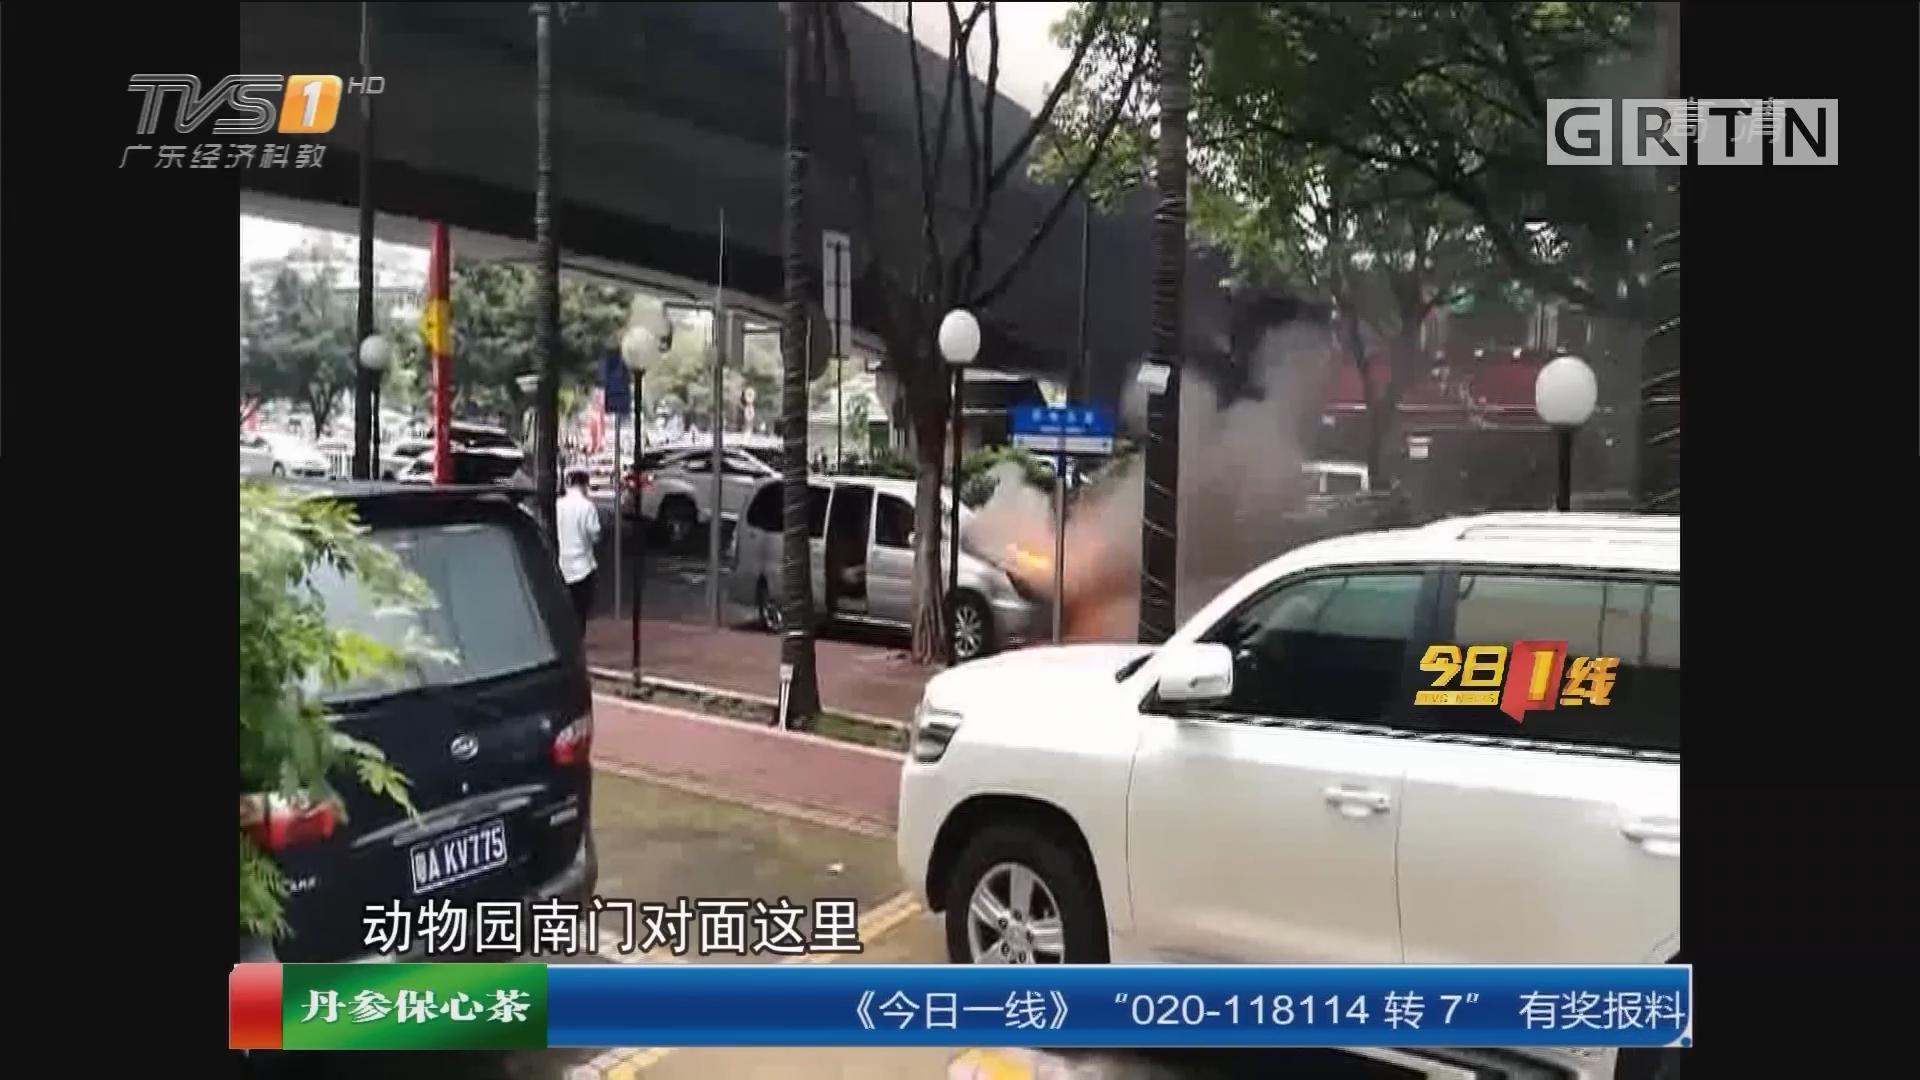 广州越秀:行驶中小车自燃 被烧成骨架